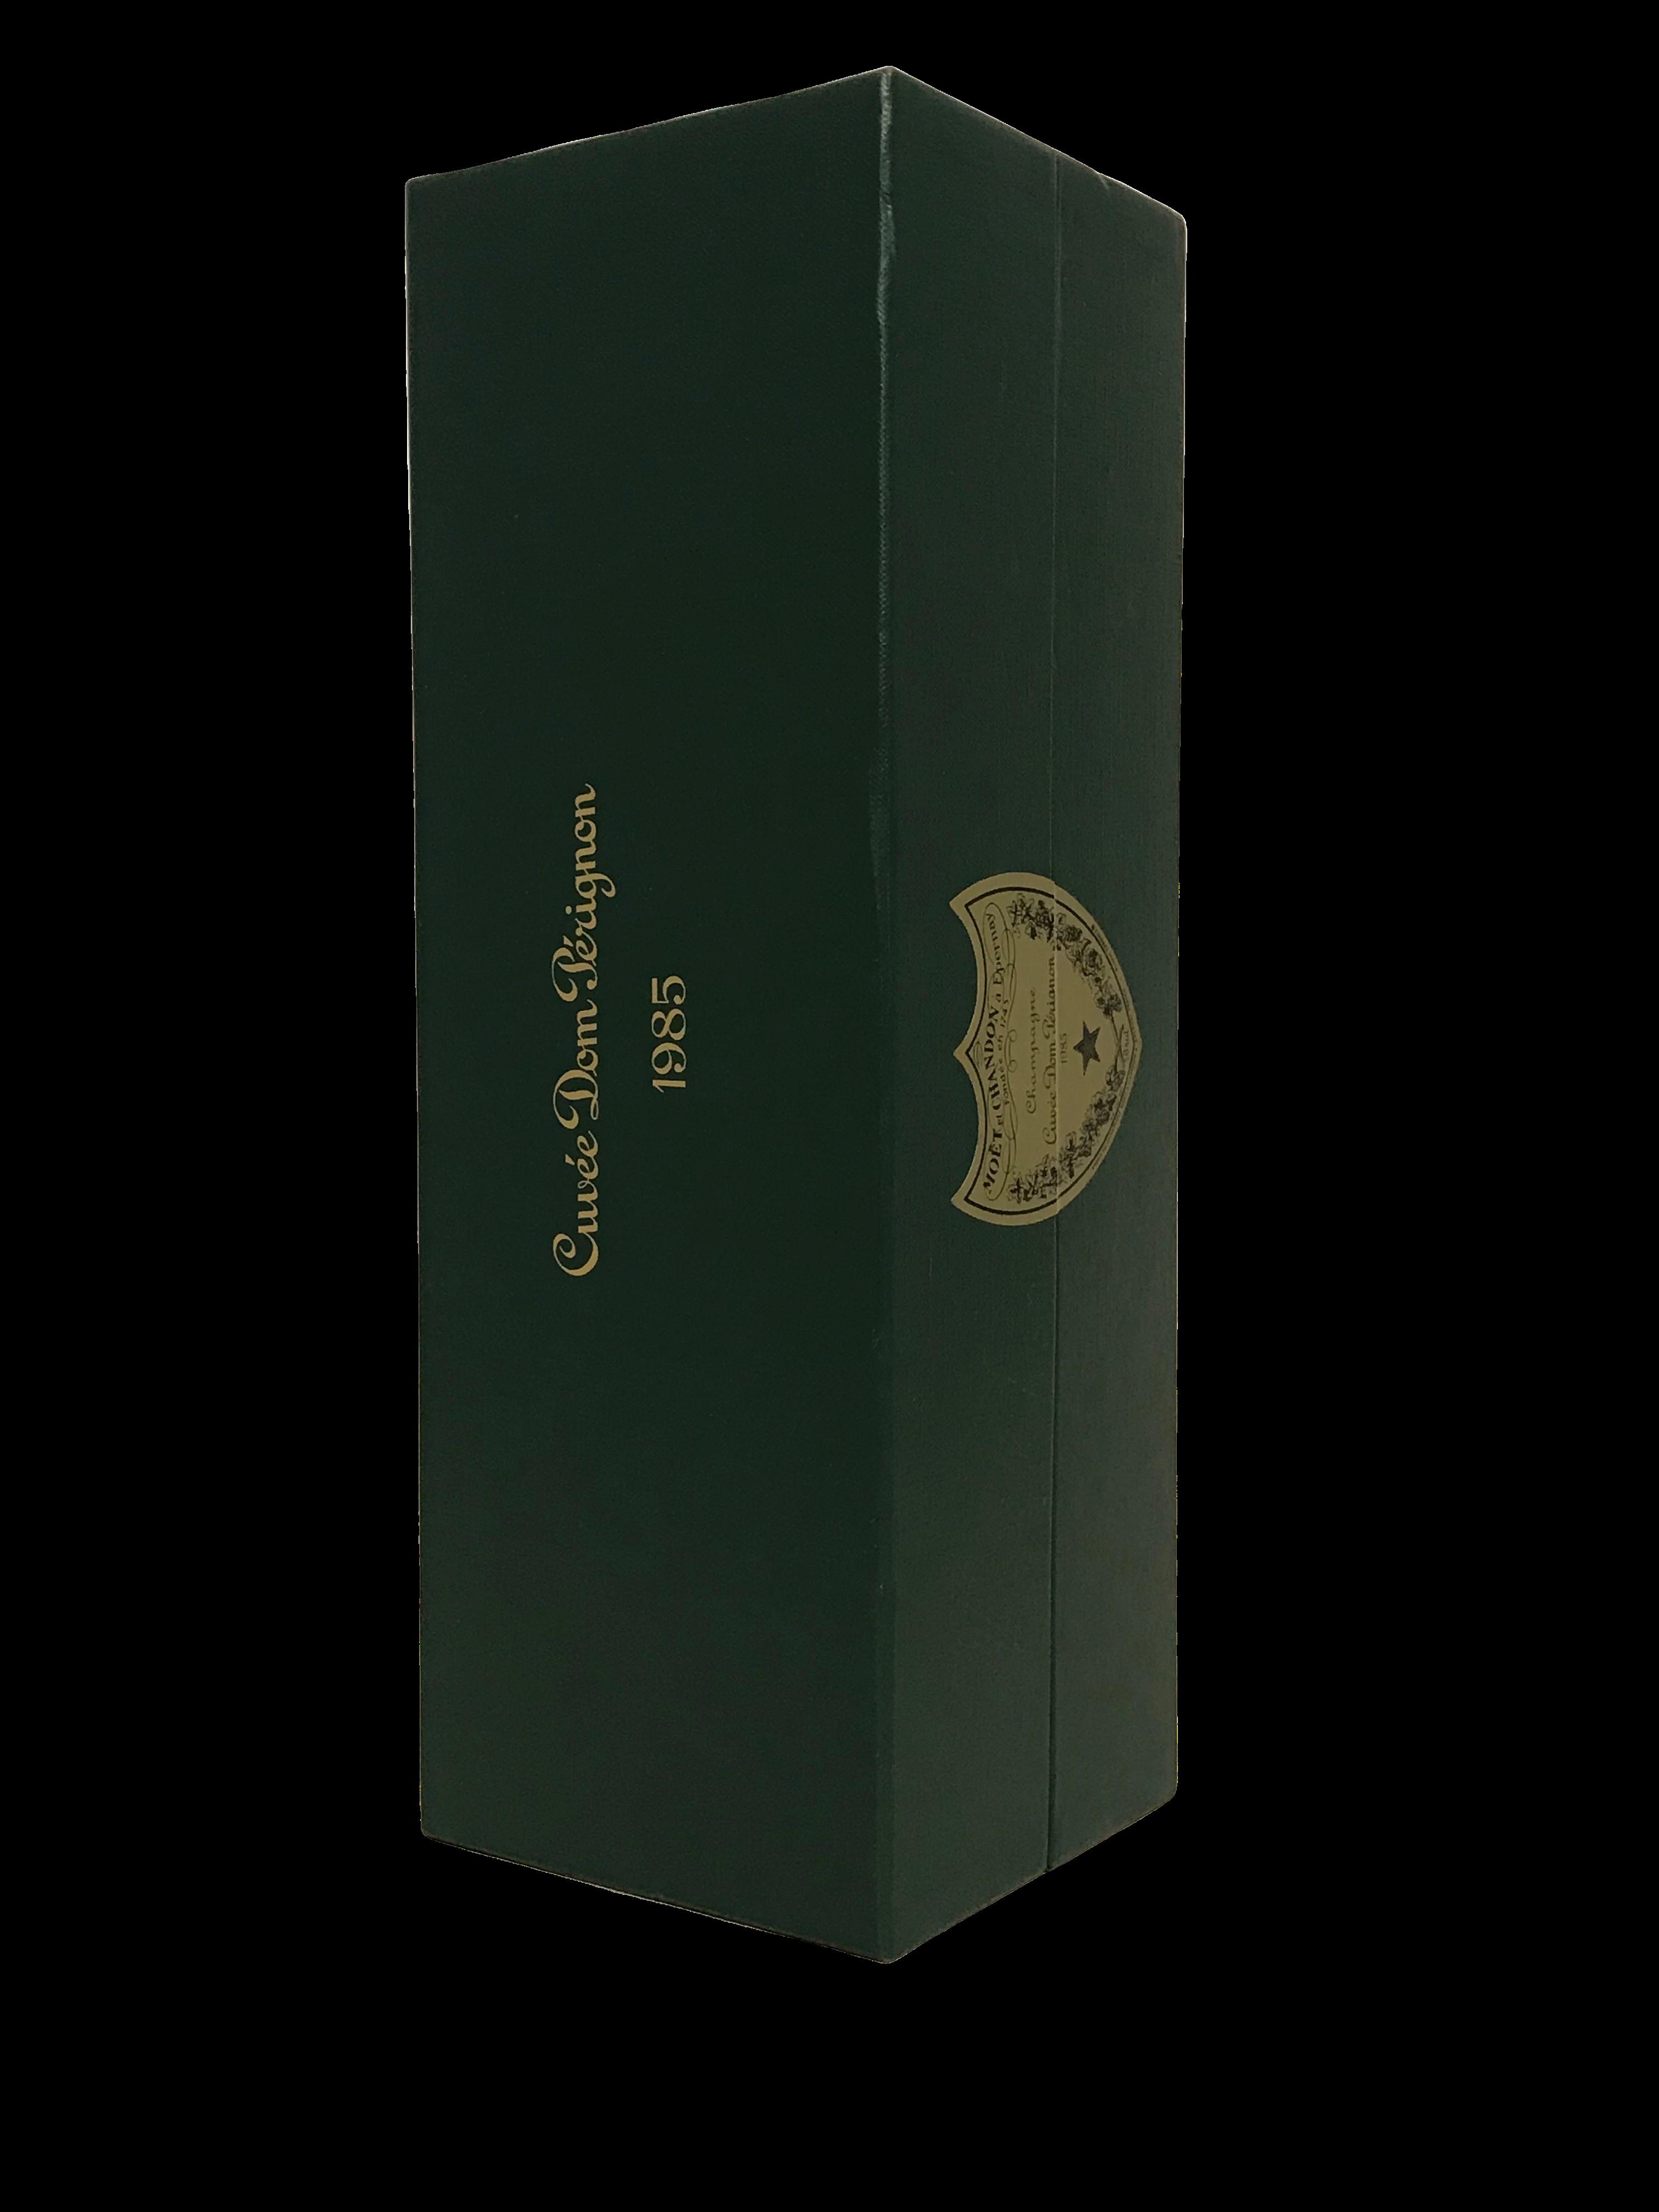 Champagne Dom Pérignon 1985 Moët & Chandon